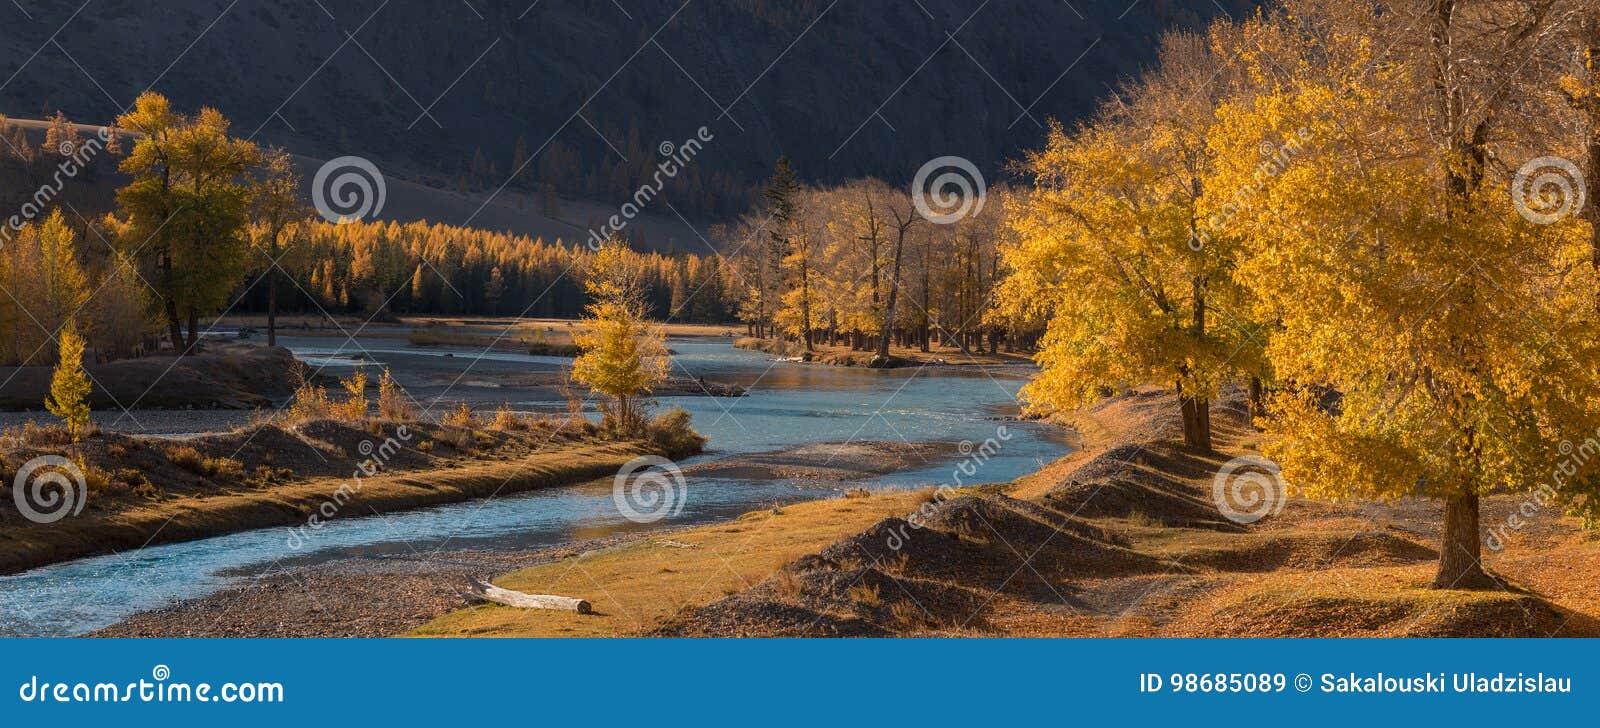 Autumn Panoramic Landscape Of um vale da montanha com Emerald River, larício amarelo e bosque do álamo, Lit por The Sun Autumn Fo